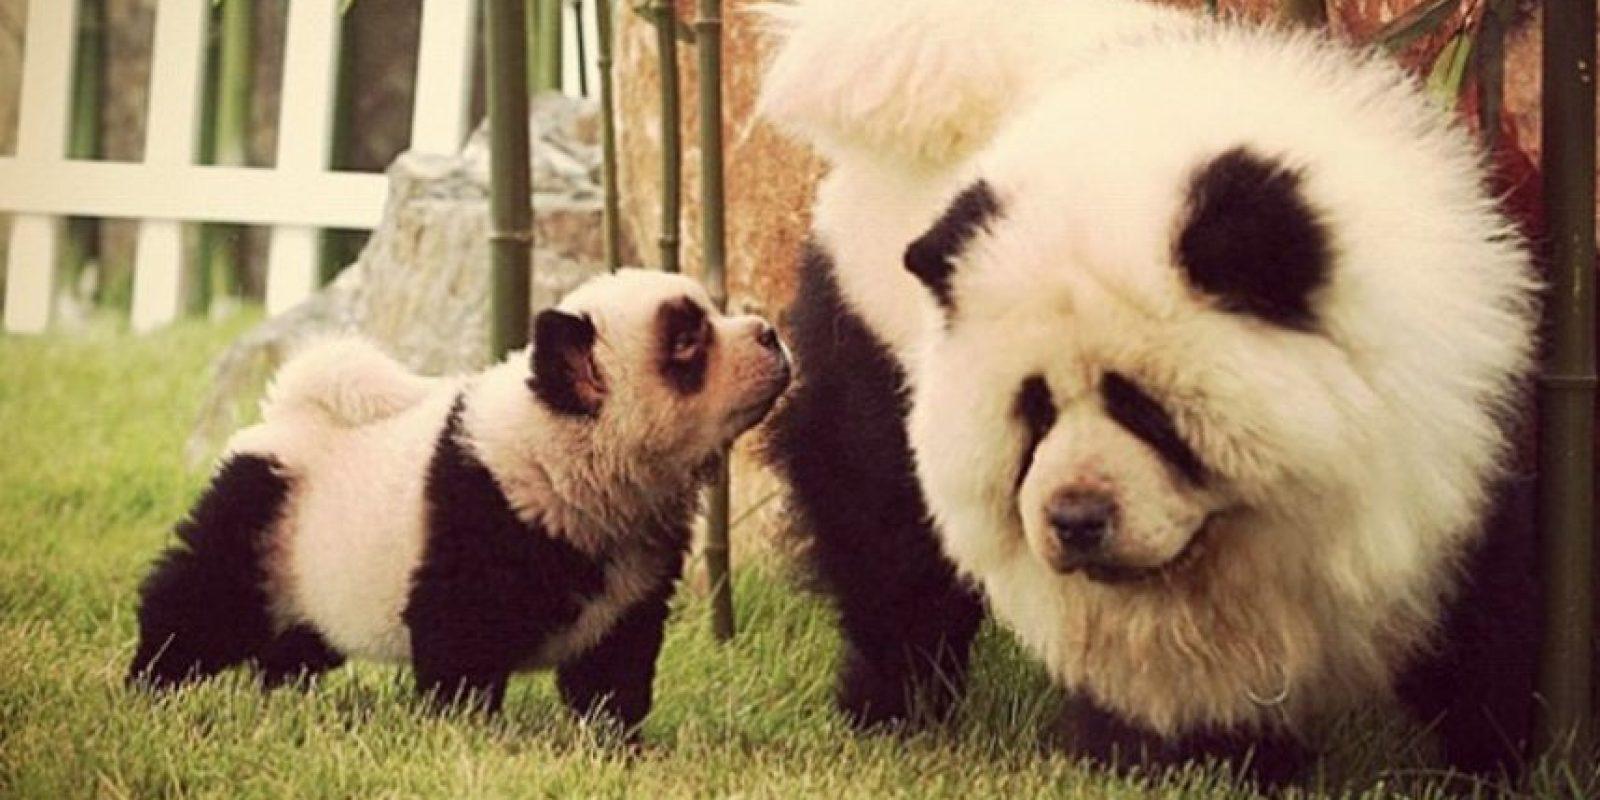 """Hsin dijo que bulldogs y labradores eran los favoritos, pero ahora están ganando terreno los """"perros panda"""". Foto:Vía Instagram/#PandaChowchowPandaChowchow"""